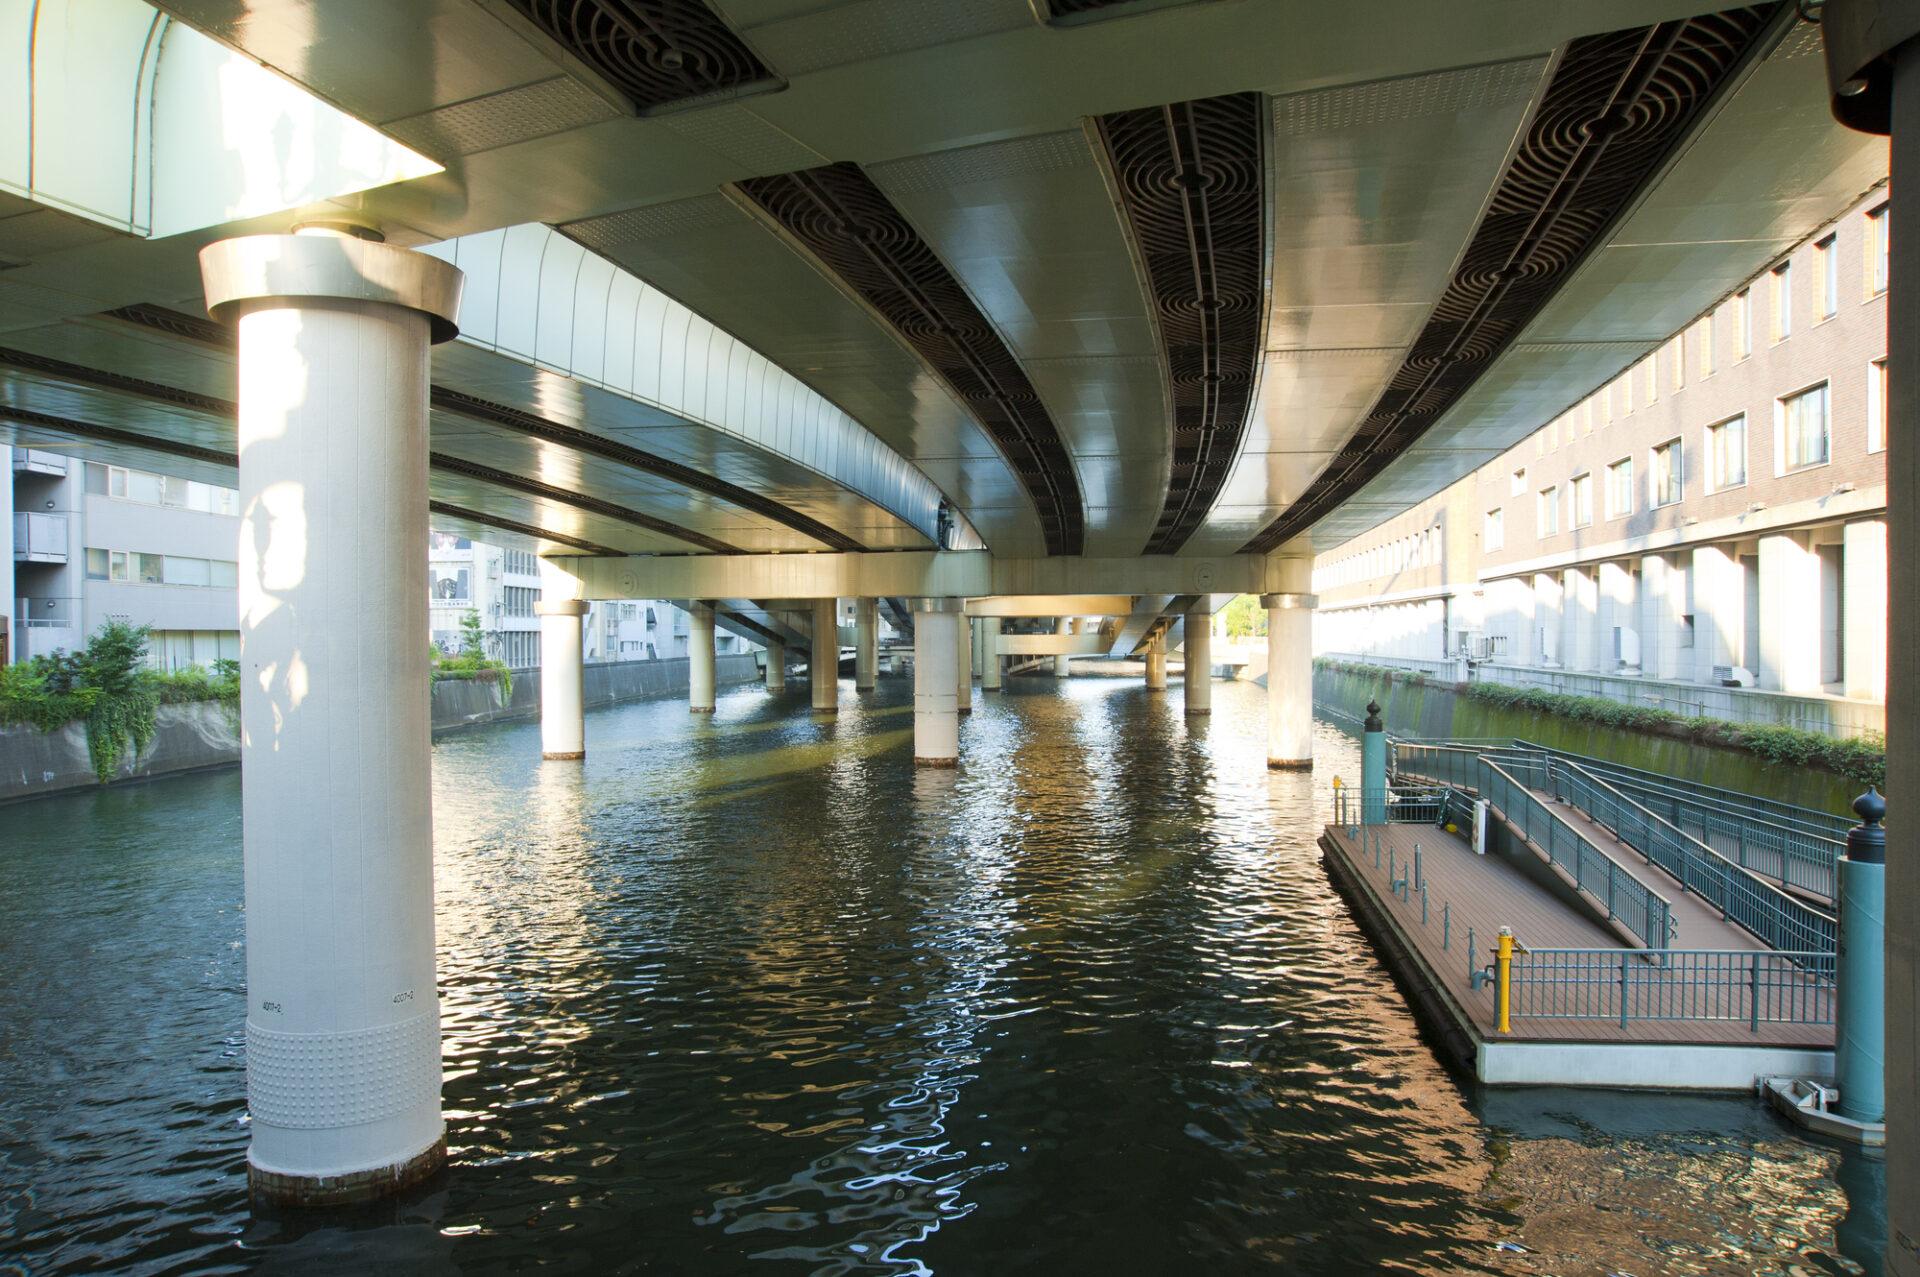 橋の下にある桟橋